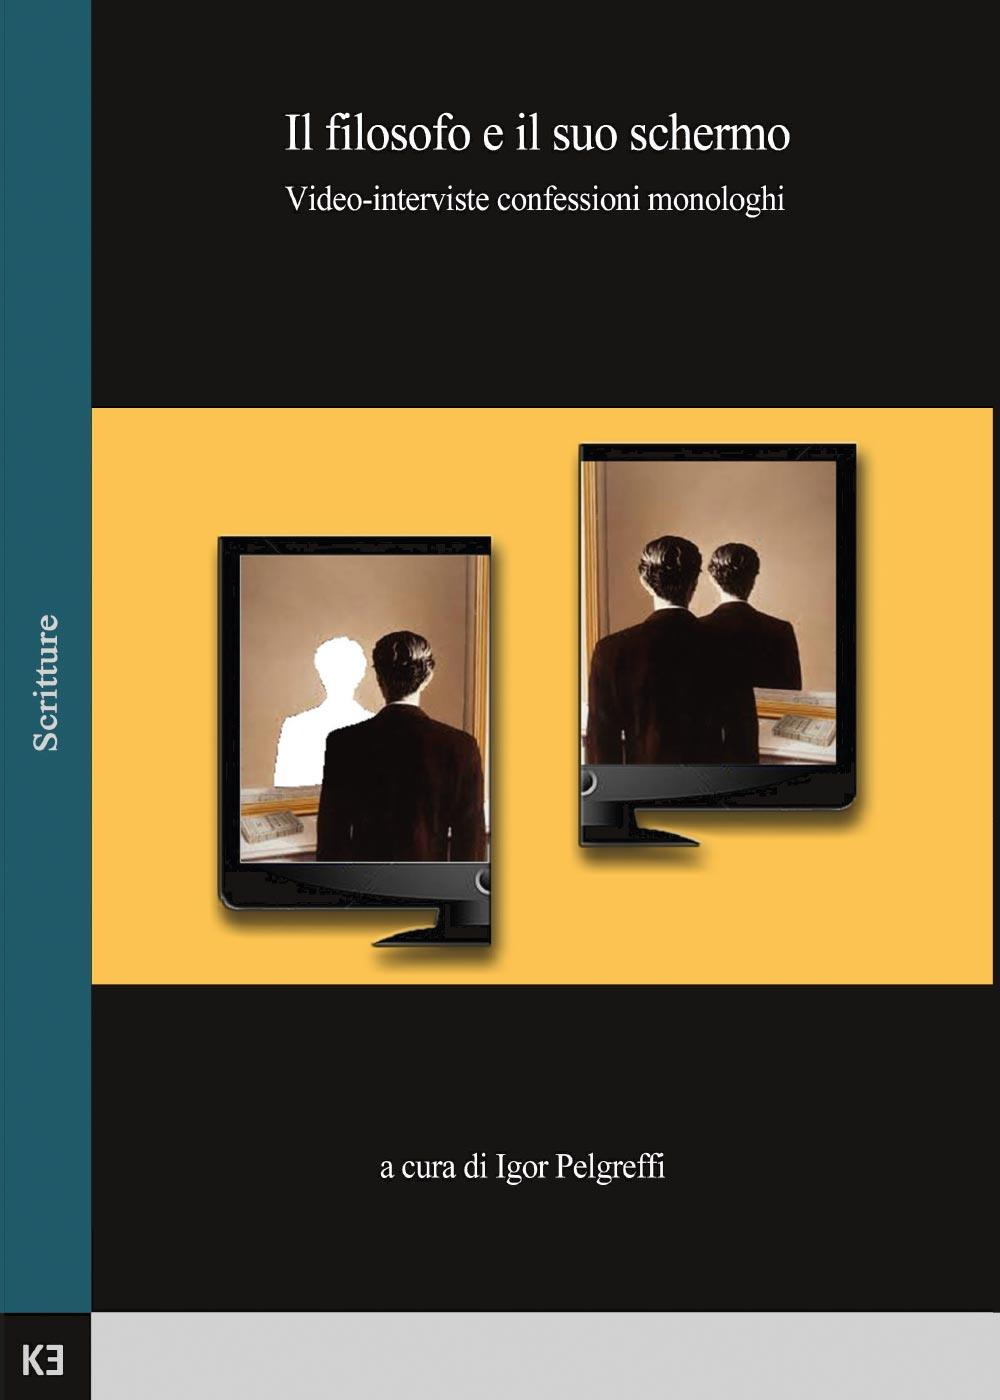 Il filosofo e il suo schermo. Video-interviste confessioni monologhi